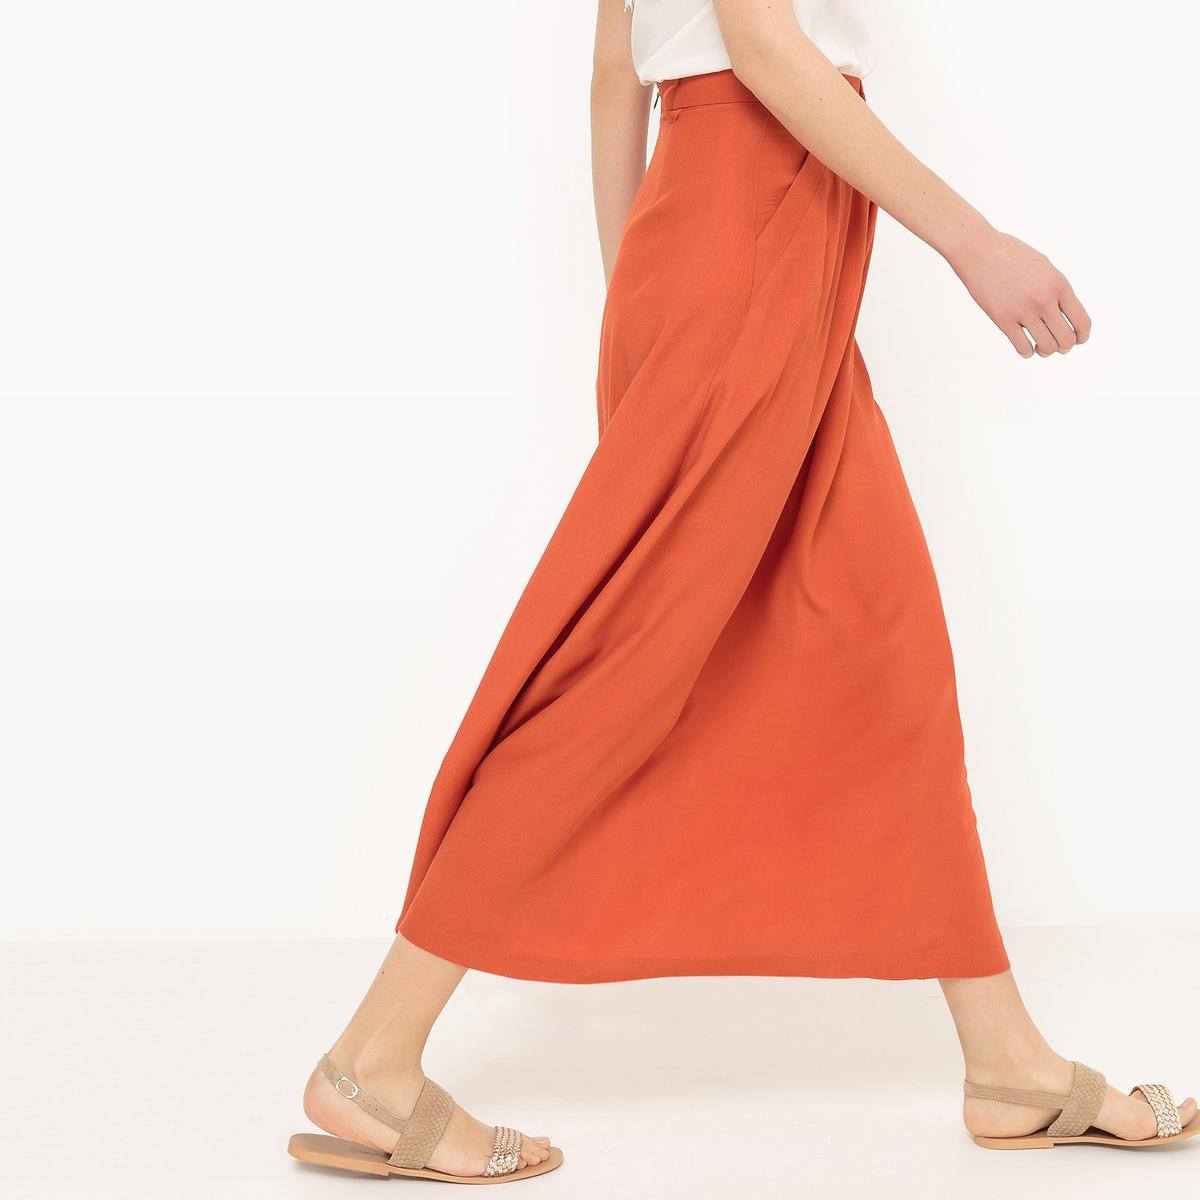 Юбка длинная, расклешенная, однотоннаяМатериал : 100% полиэстер  Рисунок : однотонная модель Длина юбки : удлиненная модель<br><br>Цвет: оранжевый